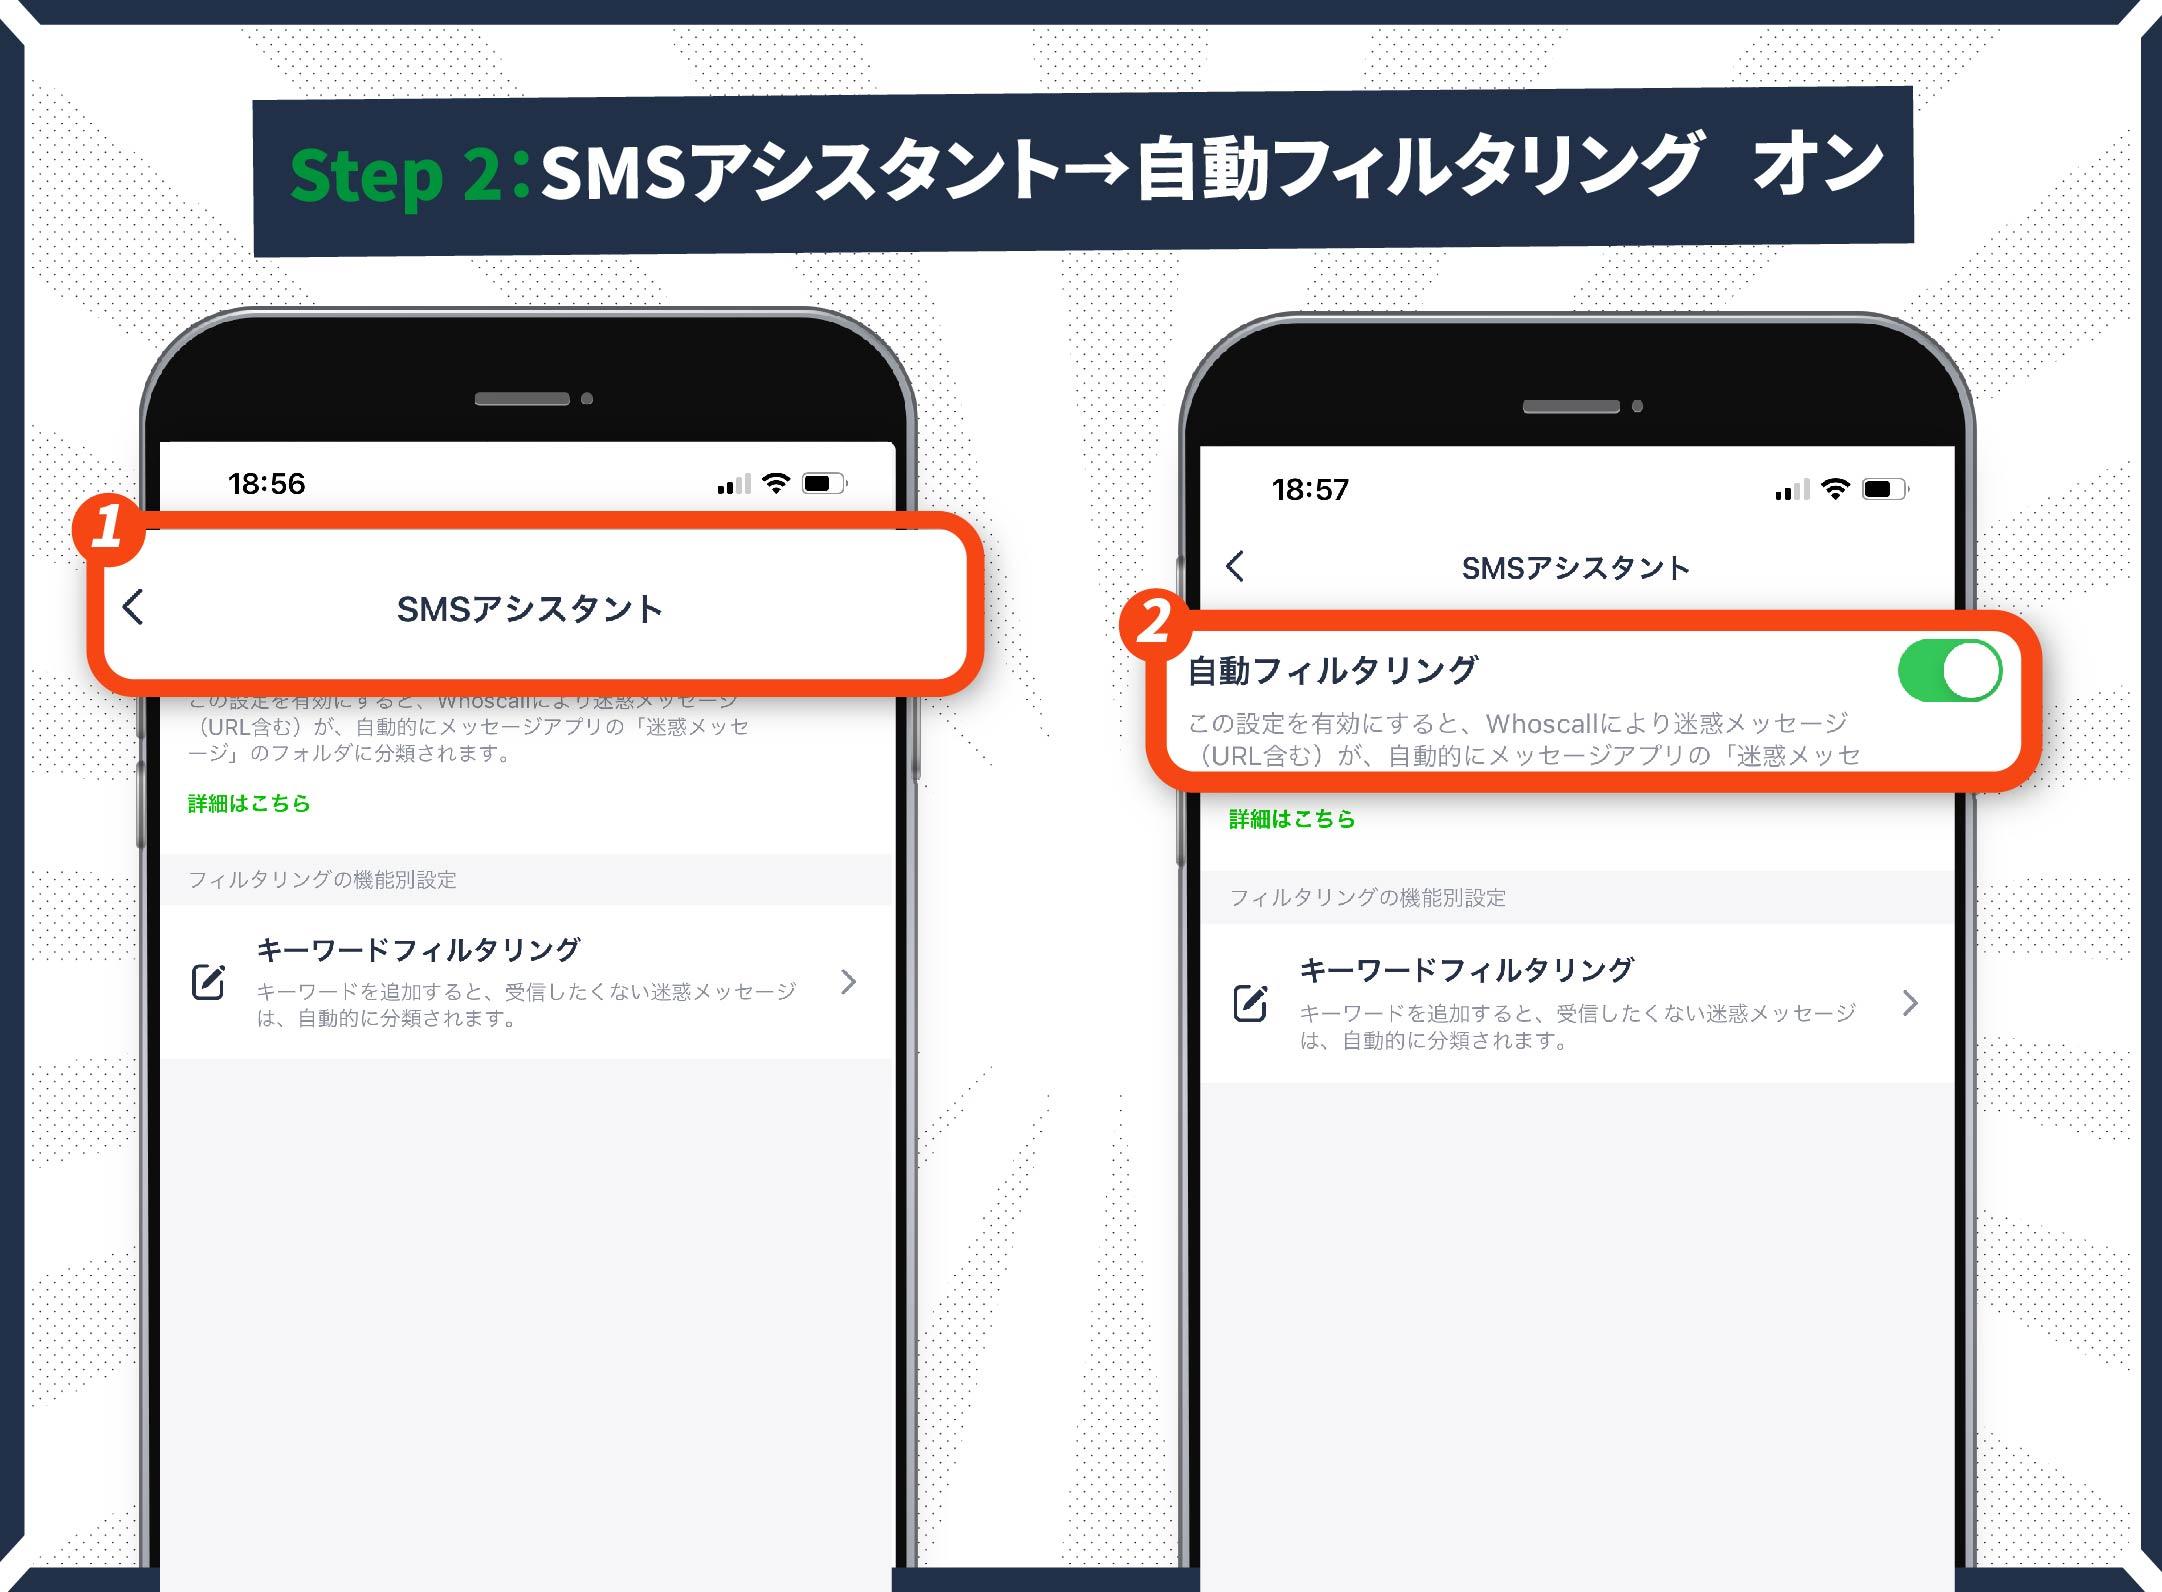 SMSアシスタントの設定手順